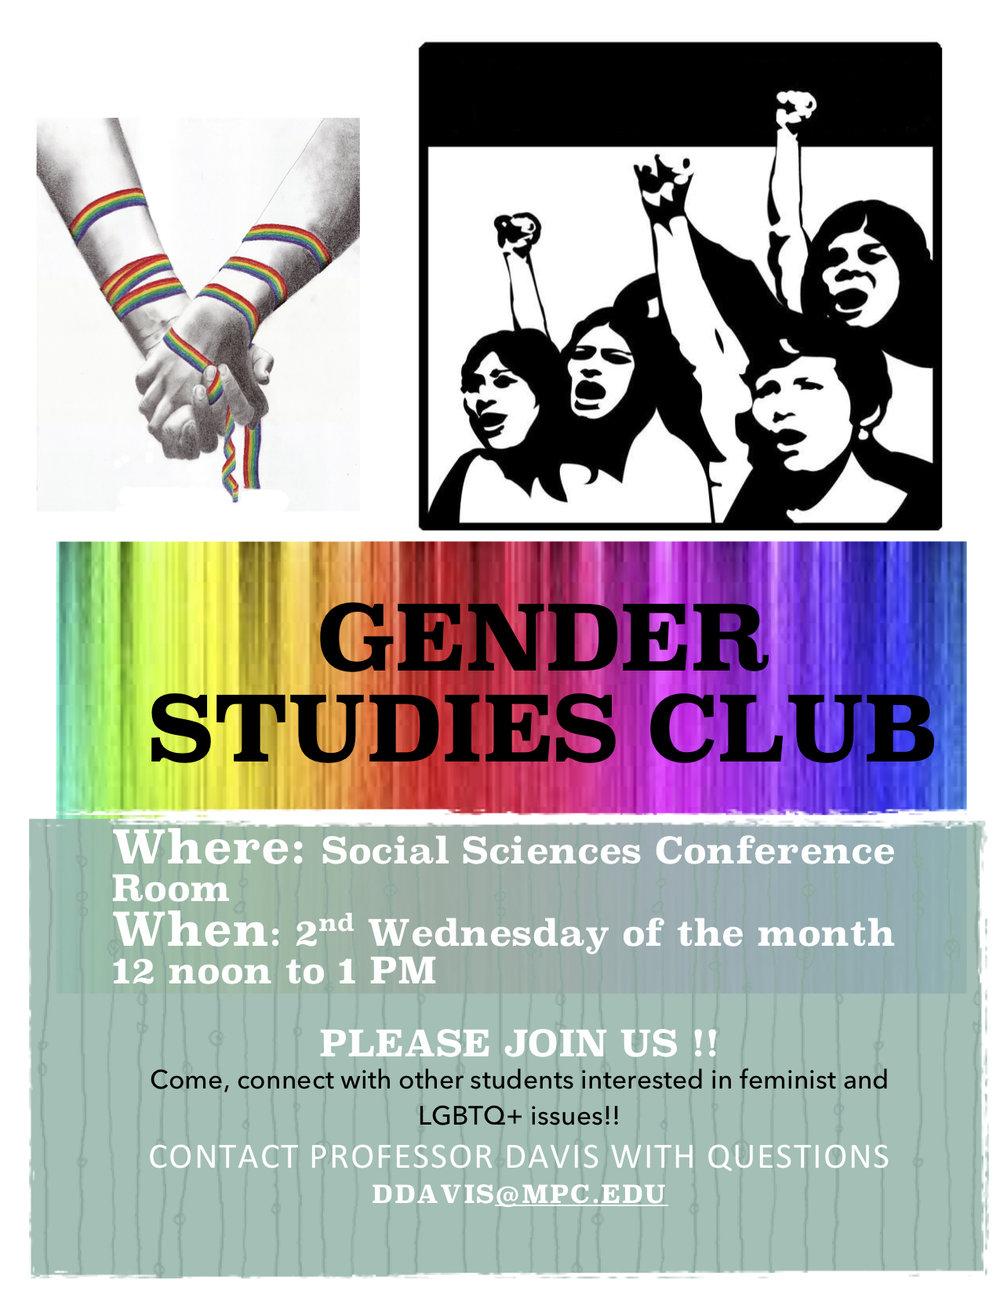 SP 2018 GS Club Meetings flyer.jpg